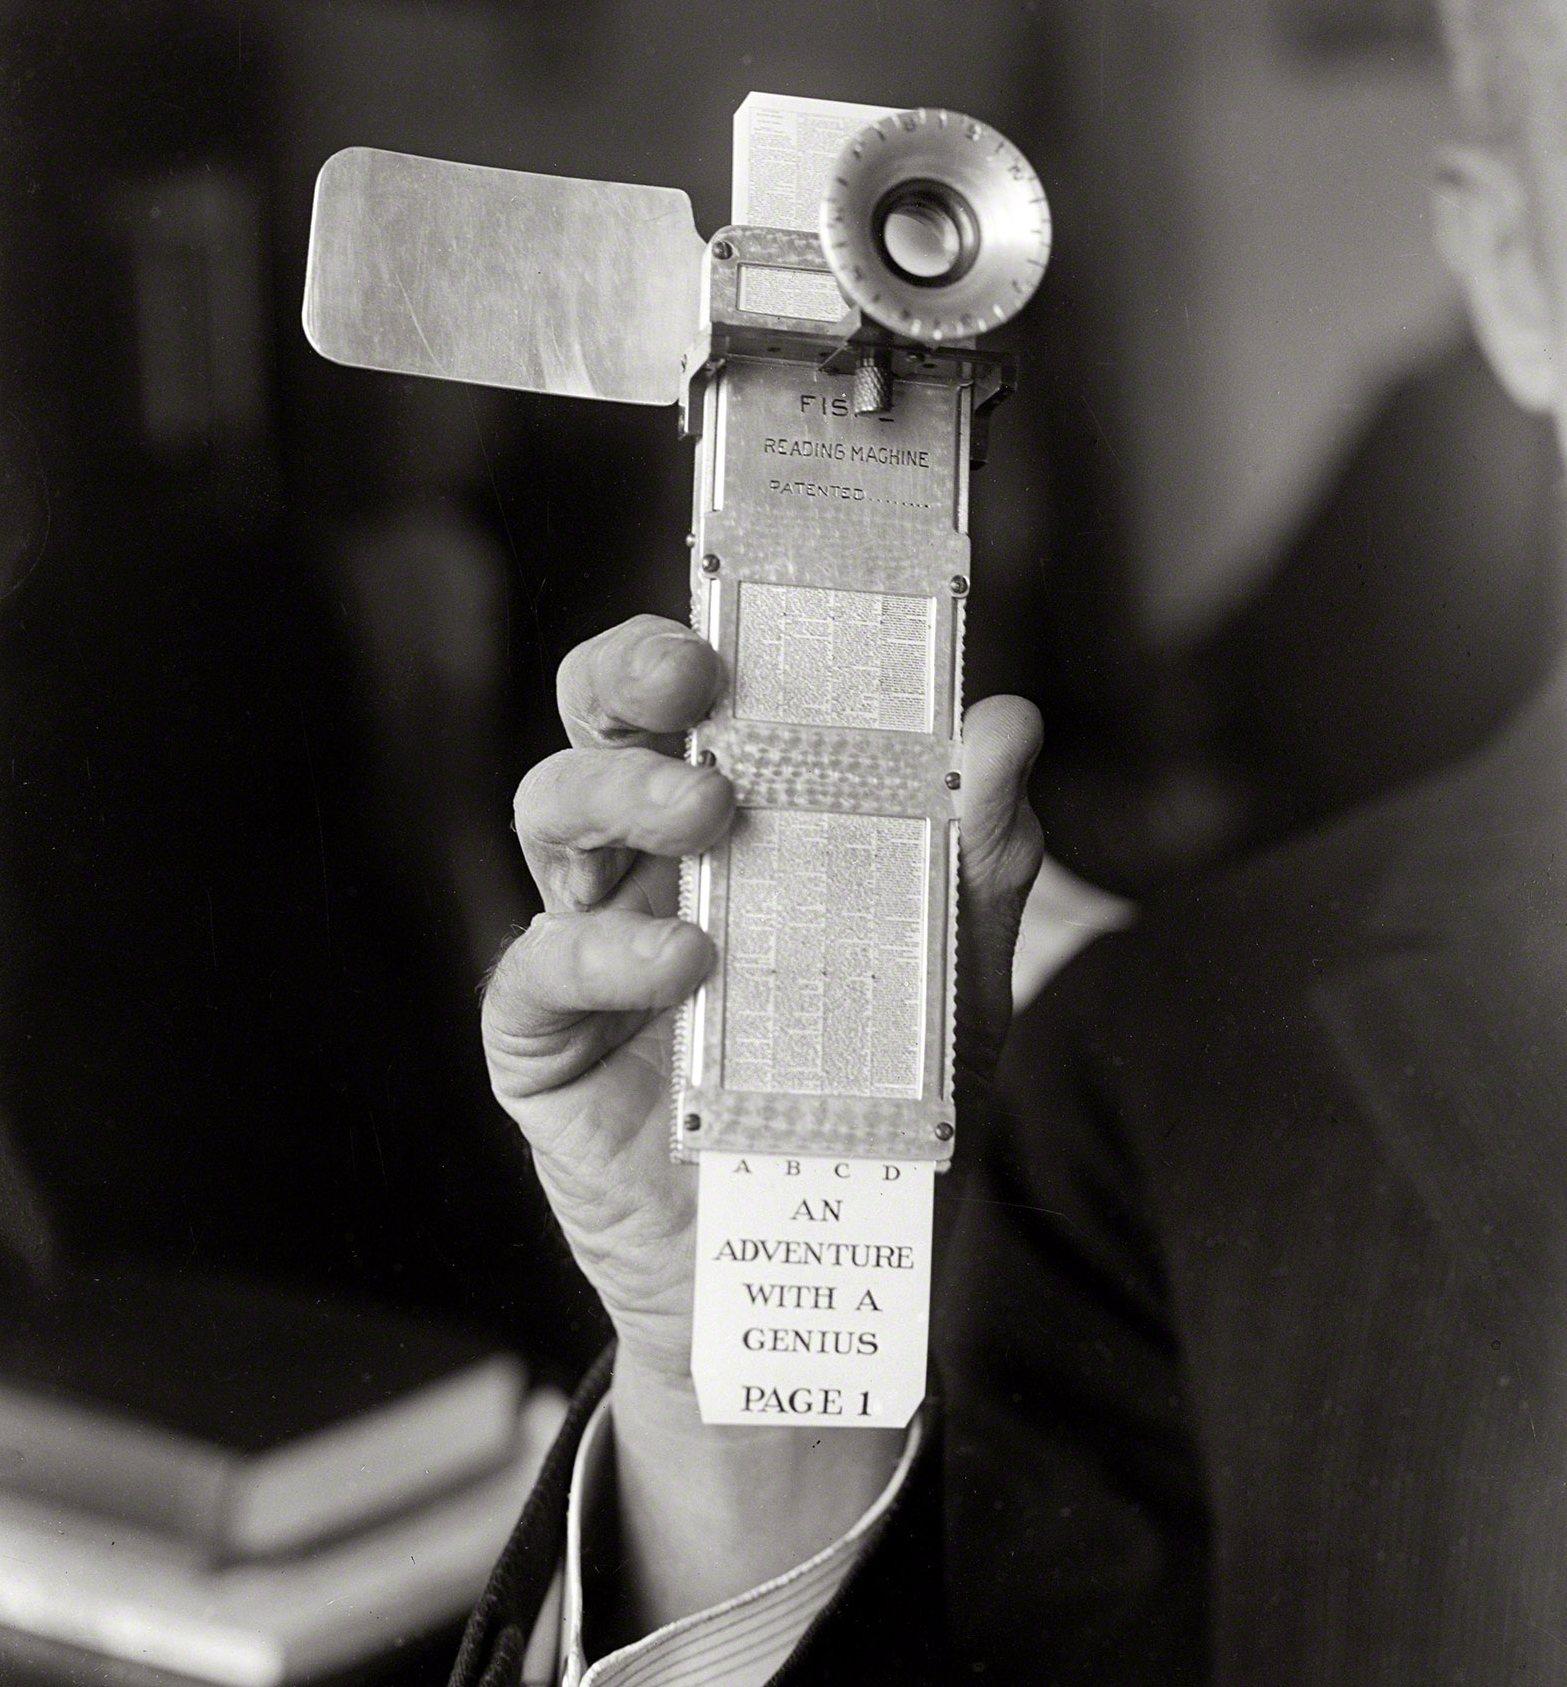 máquina de lectura de Fiske